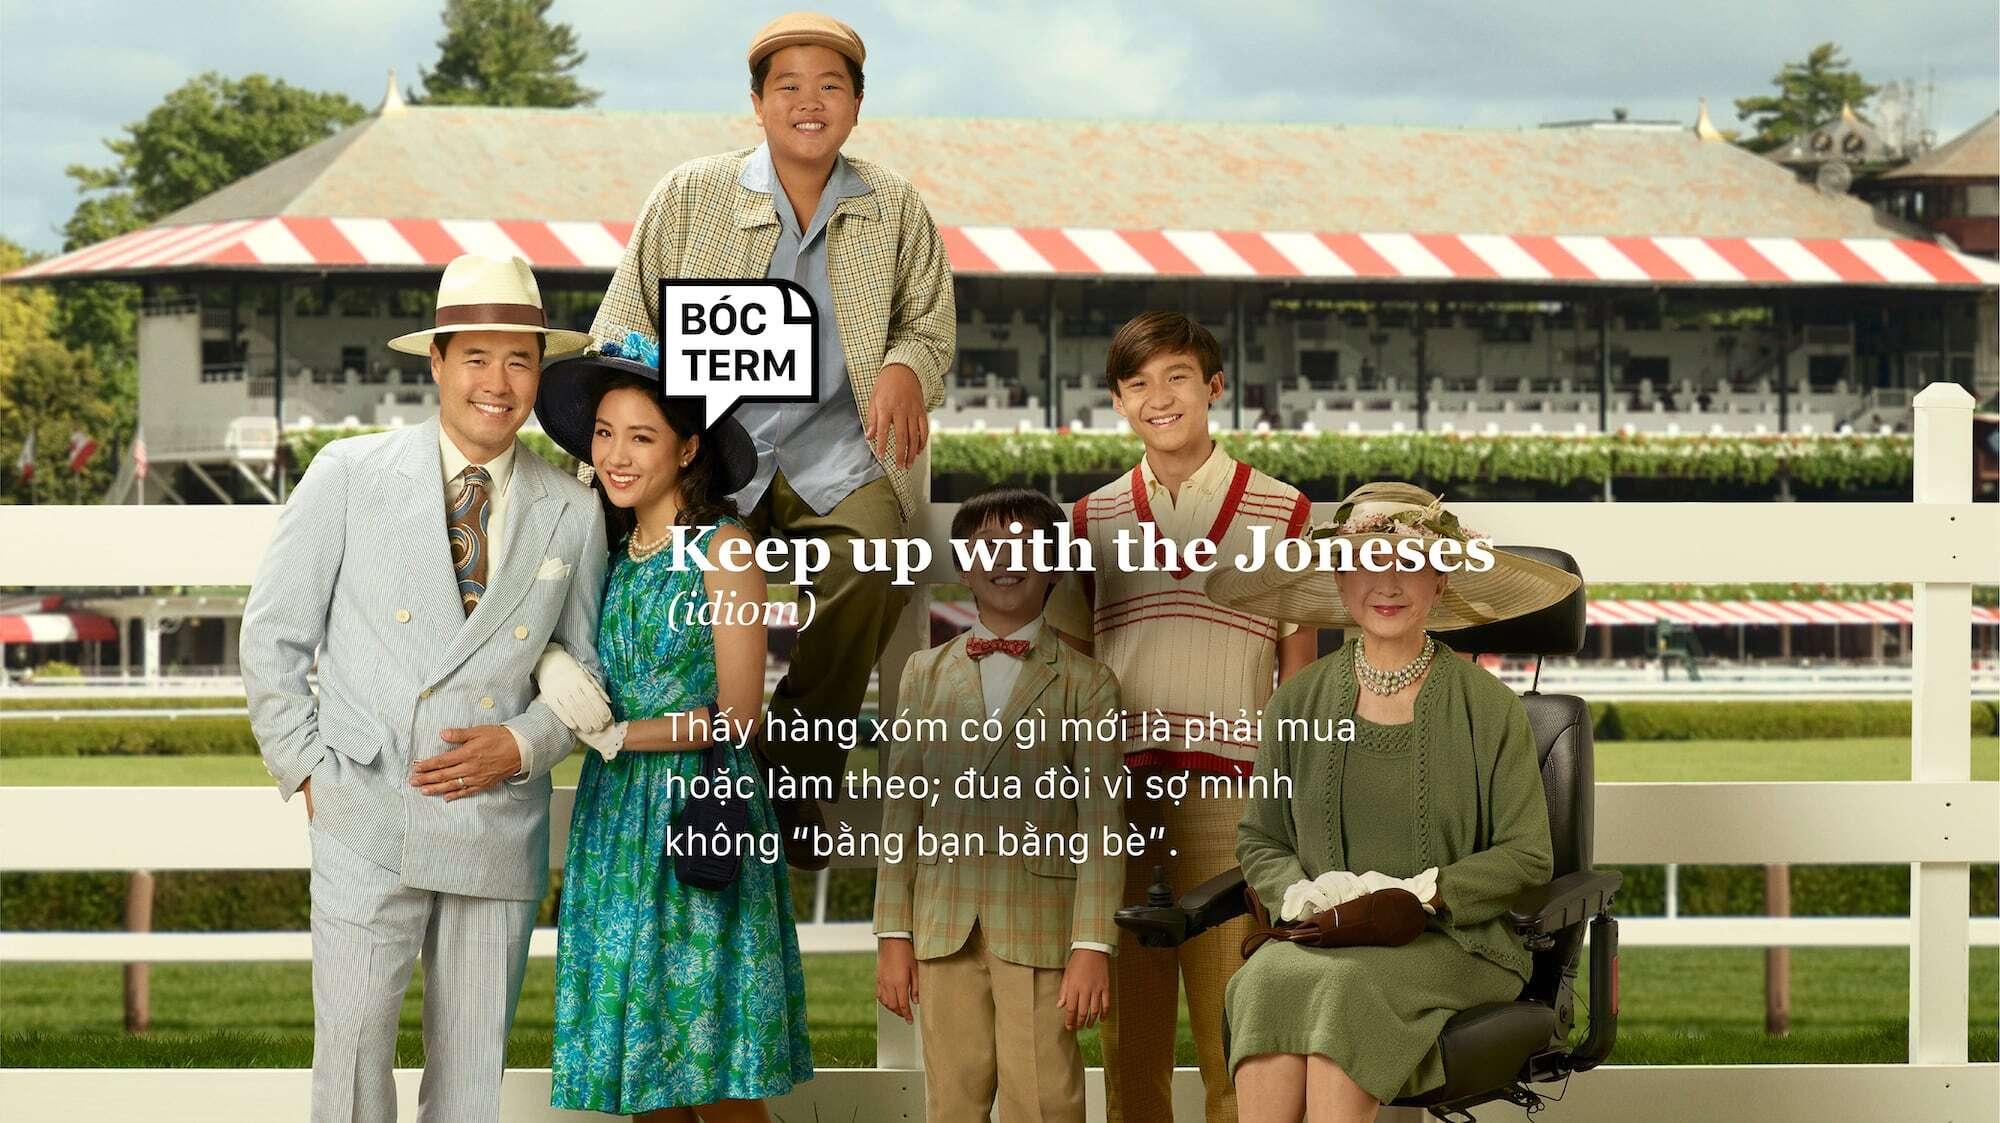 Bóc Term: Keep up with the Joneses là gì?